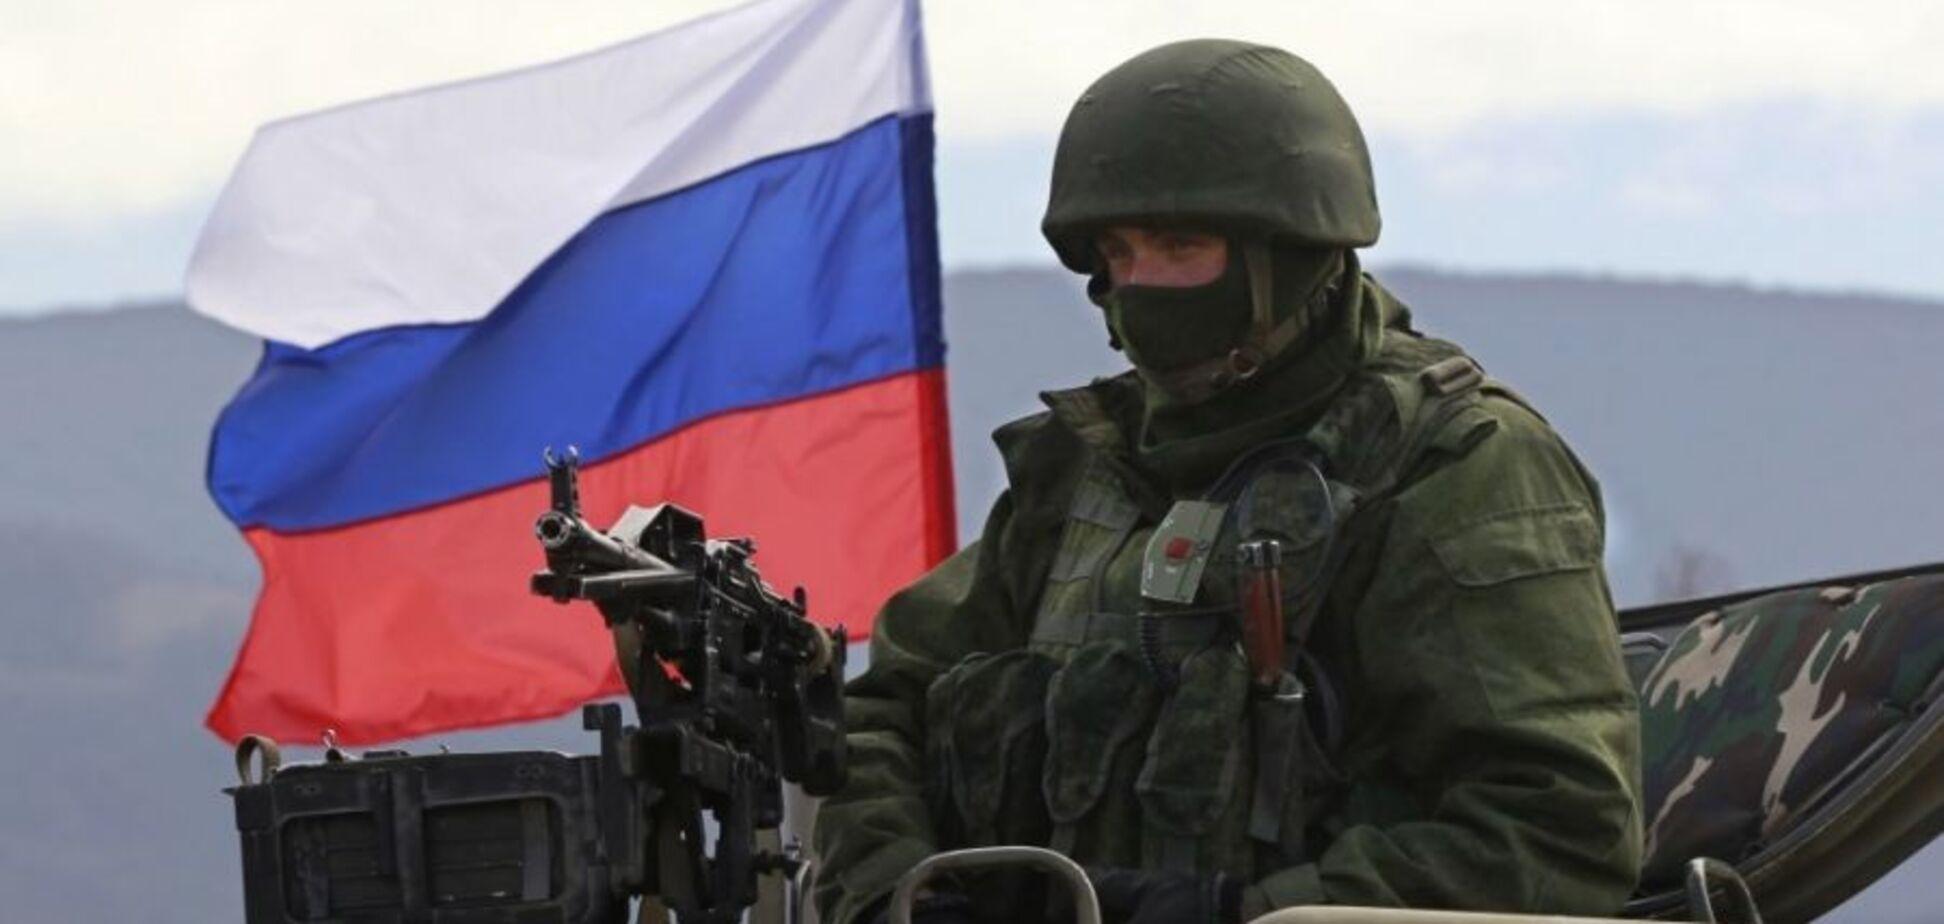 'Главное – чтобы не было позорно': названа причина выхода войск РФ из Украины